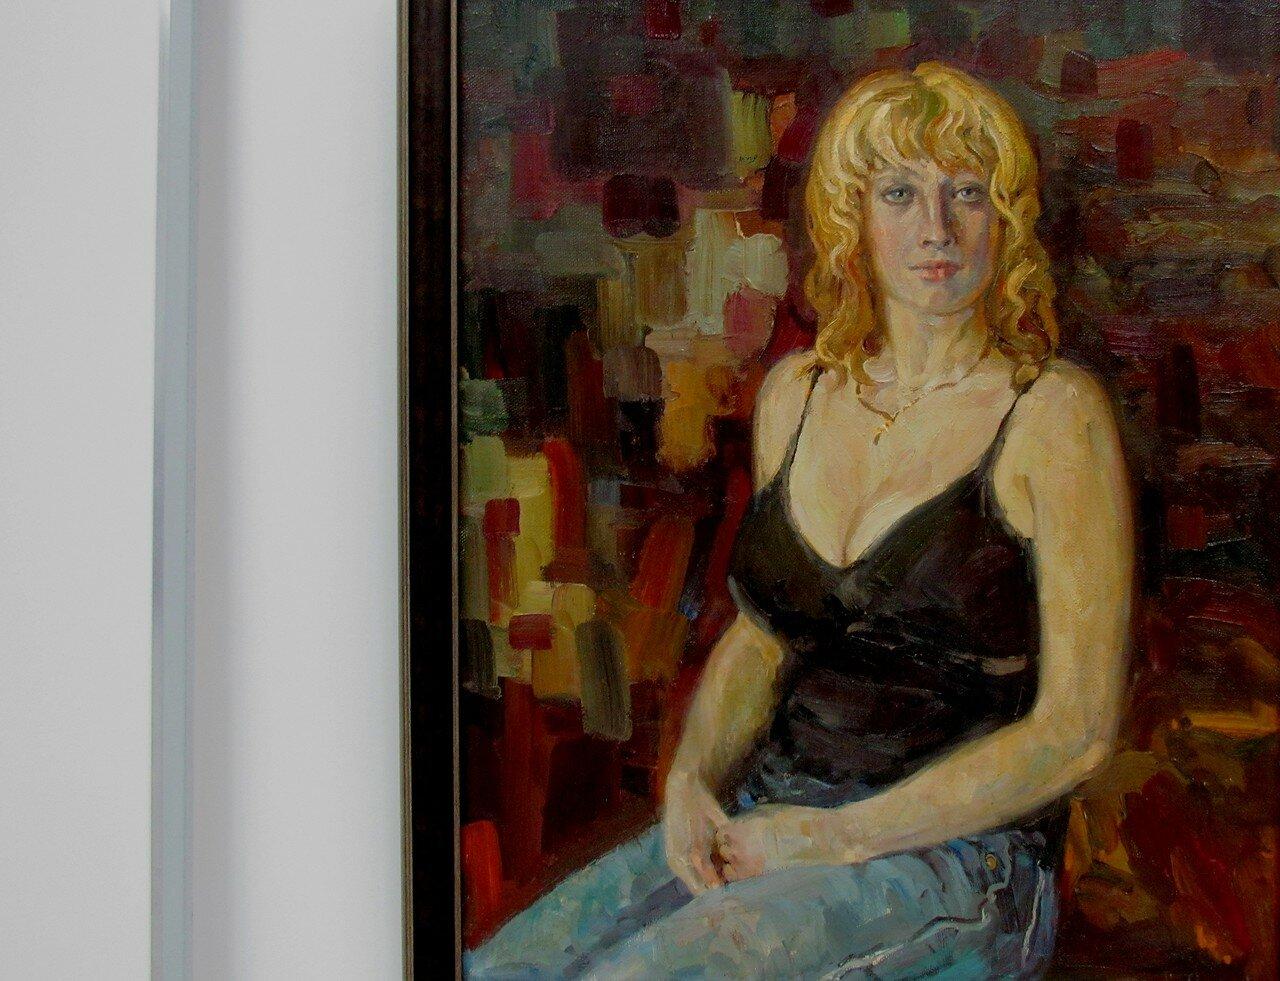 константин долгашев. женский портрет.jpg